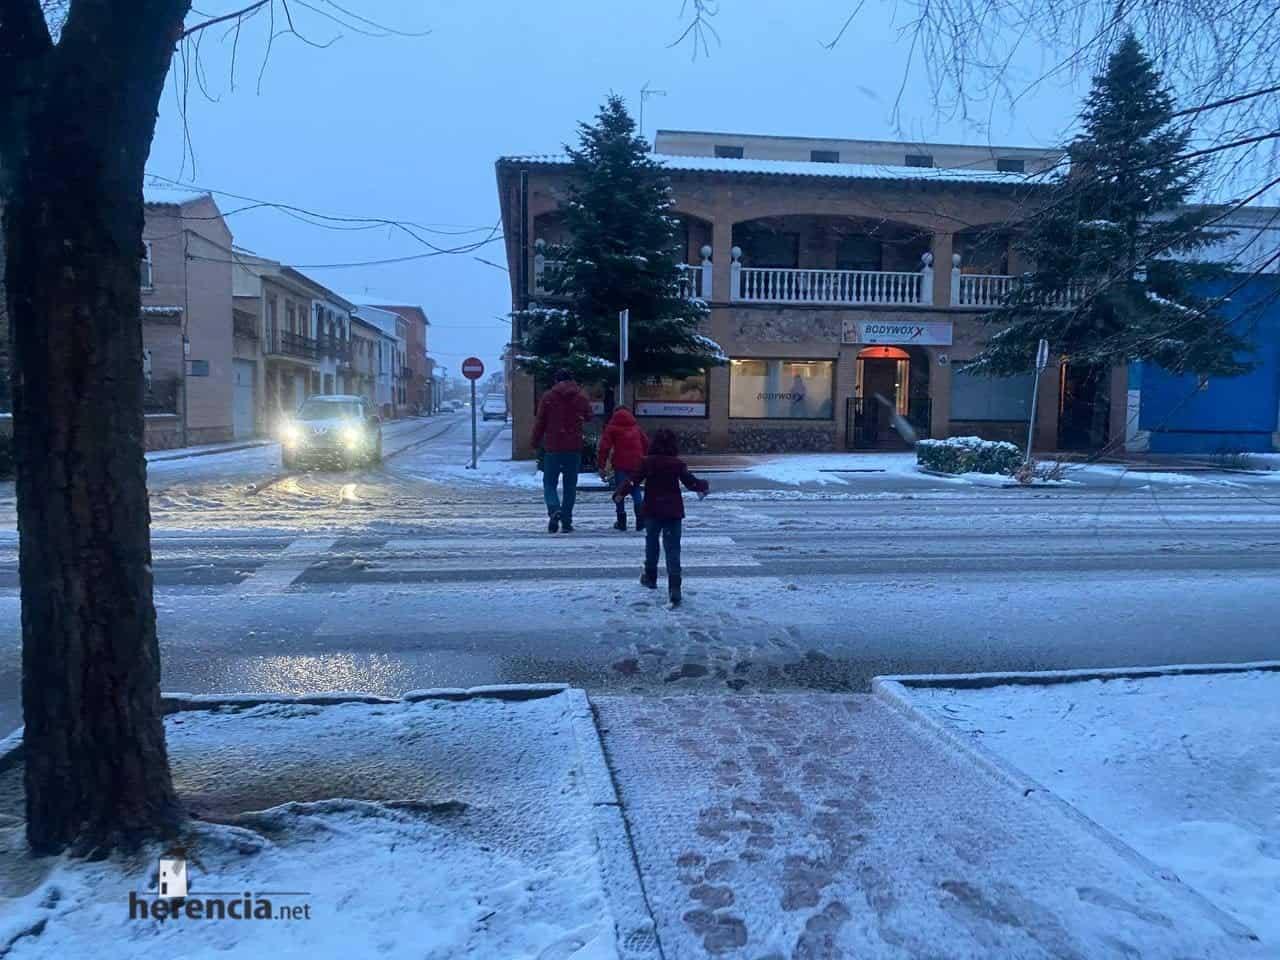 Fotografías de la nevada en Herencia (Ciudad Real) 66